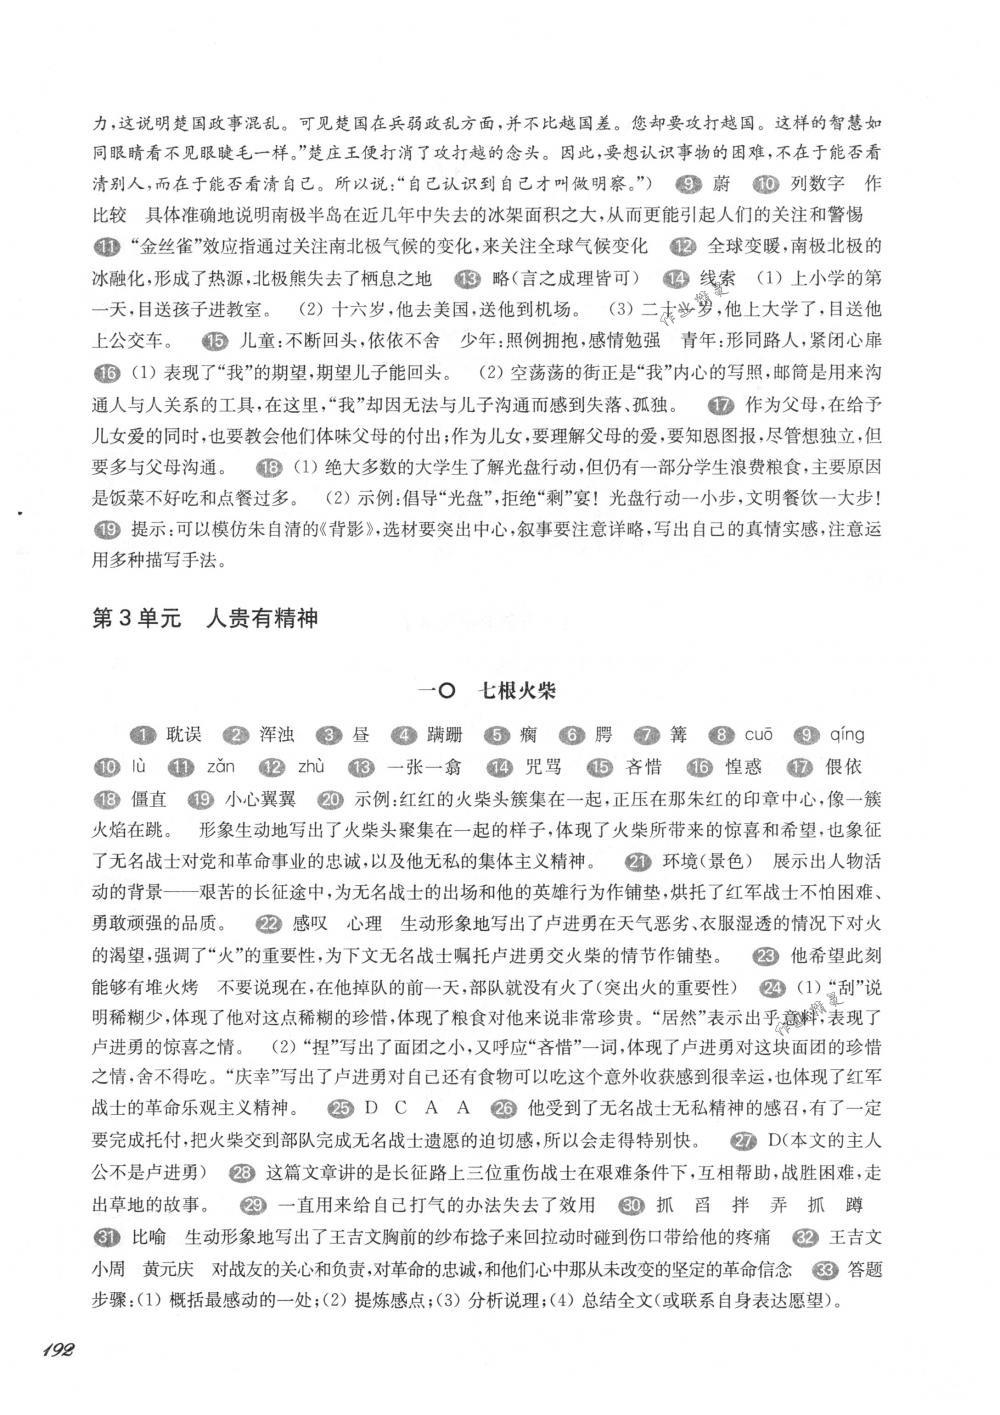 2018年华东师大版一课一练七年级语文第二学期沪教版第6页